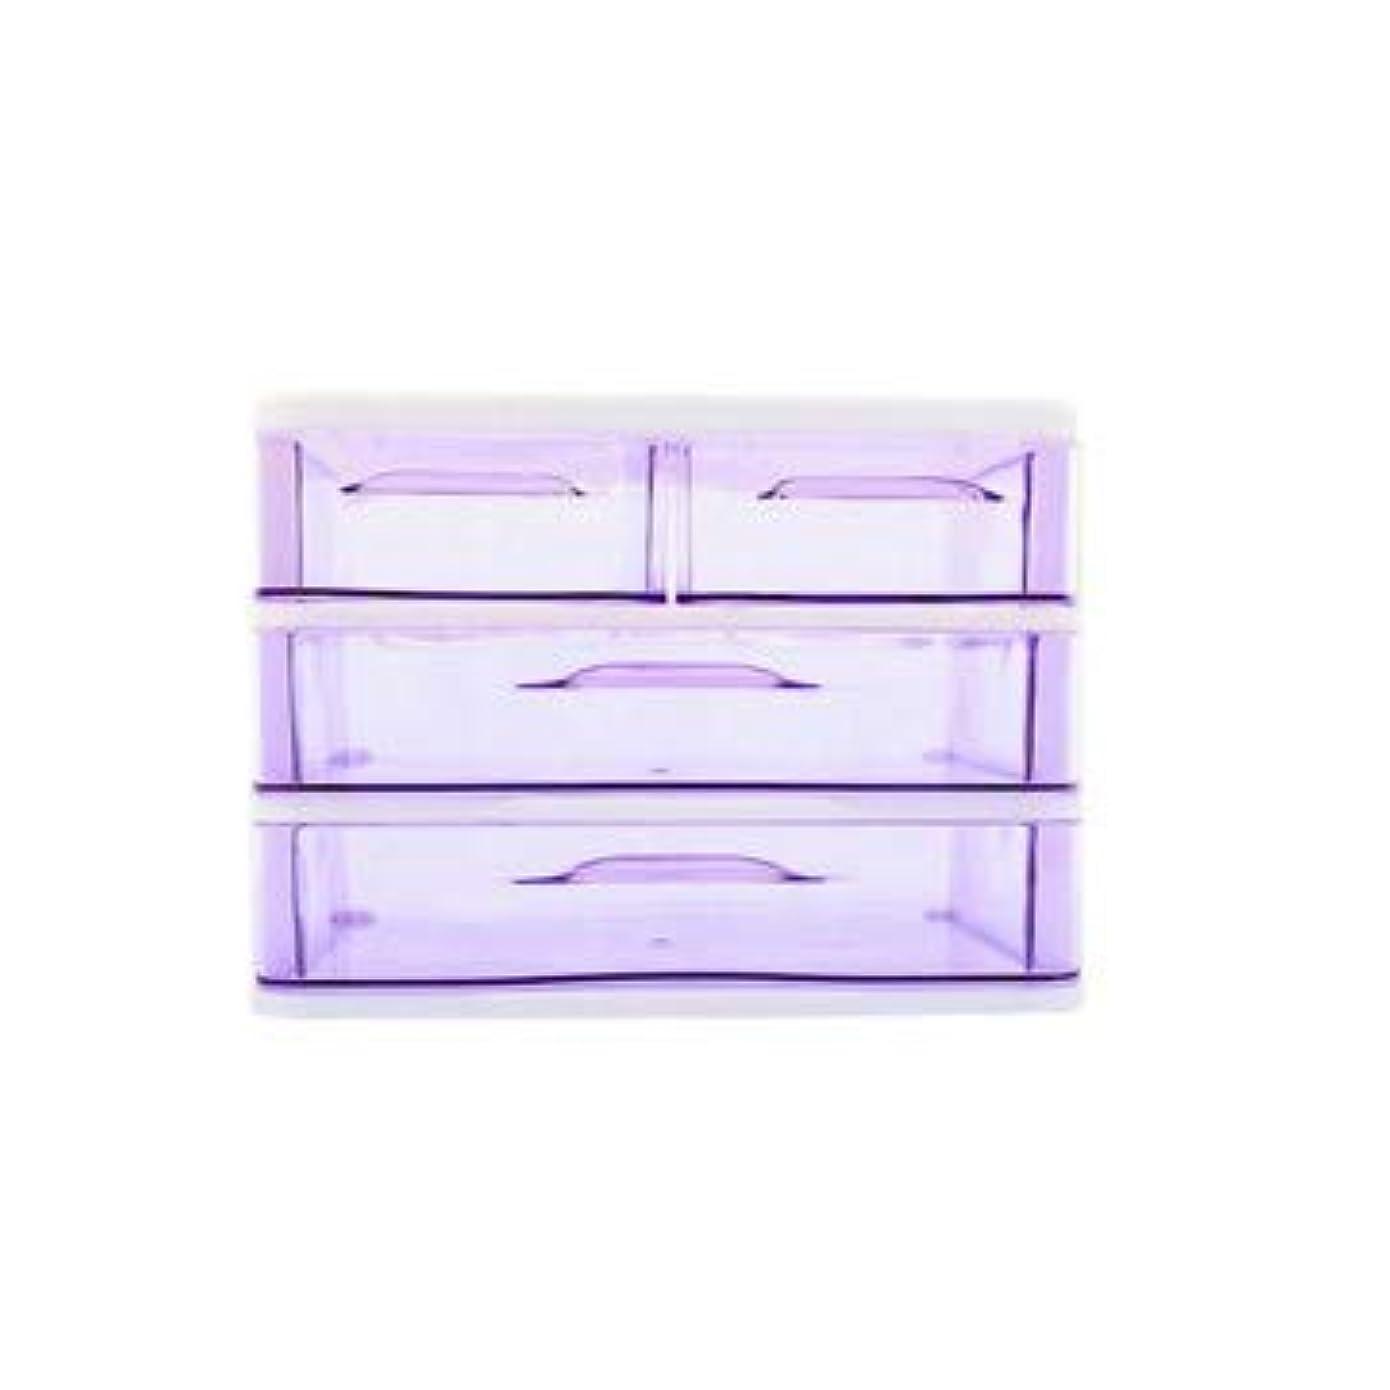 引用設置引用クリエイティブ収納ボックス三層プラスチック化粧品収納ボックスデスクトップ引き出し型仕上げボックス収納ボックス化粧箱 (Color : Purple)